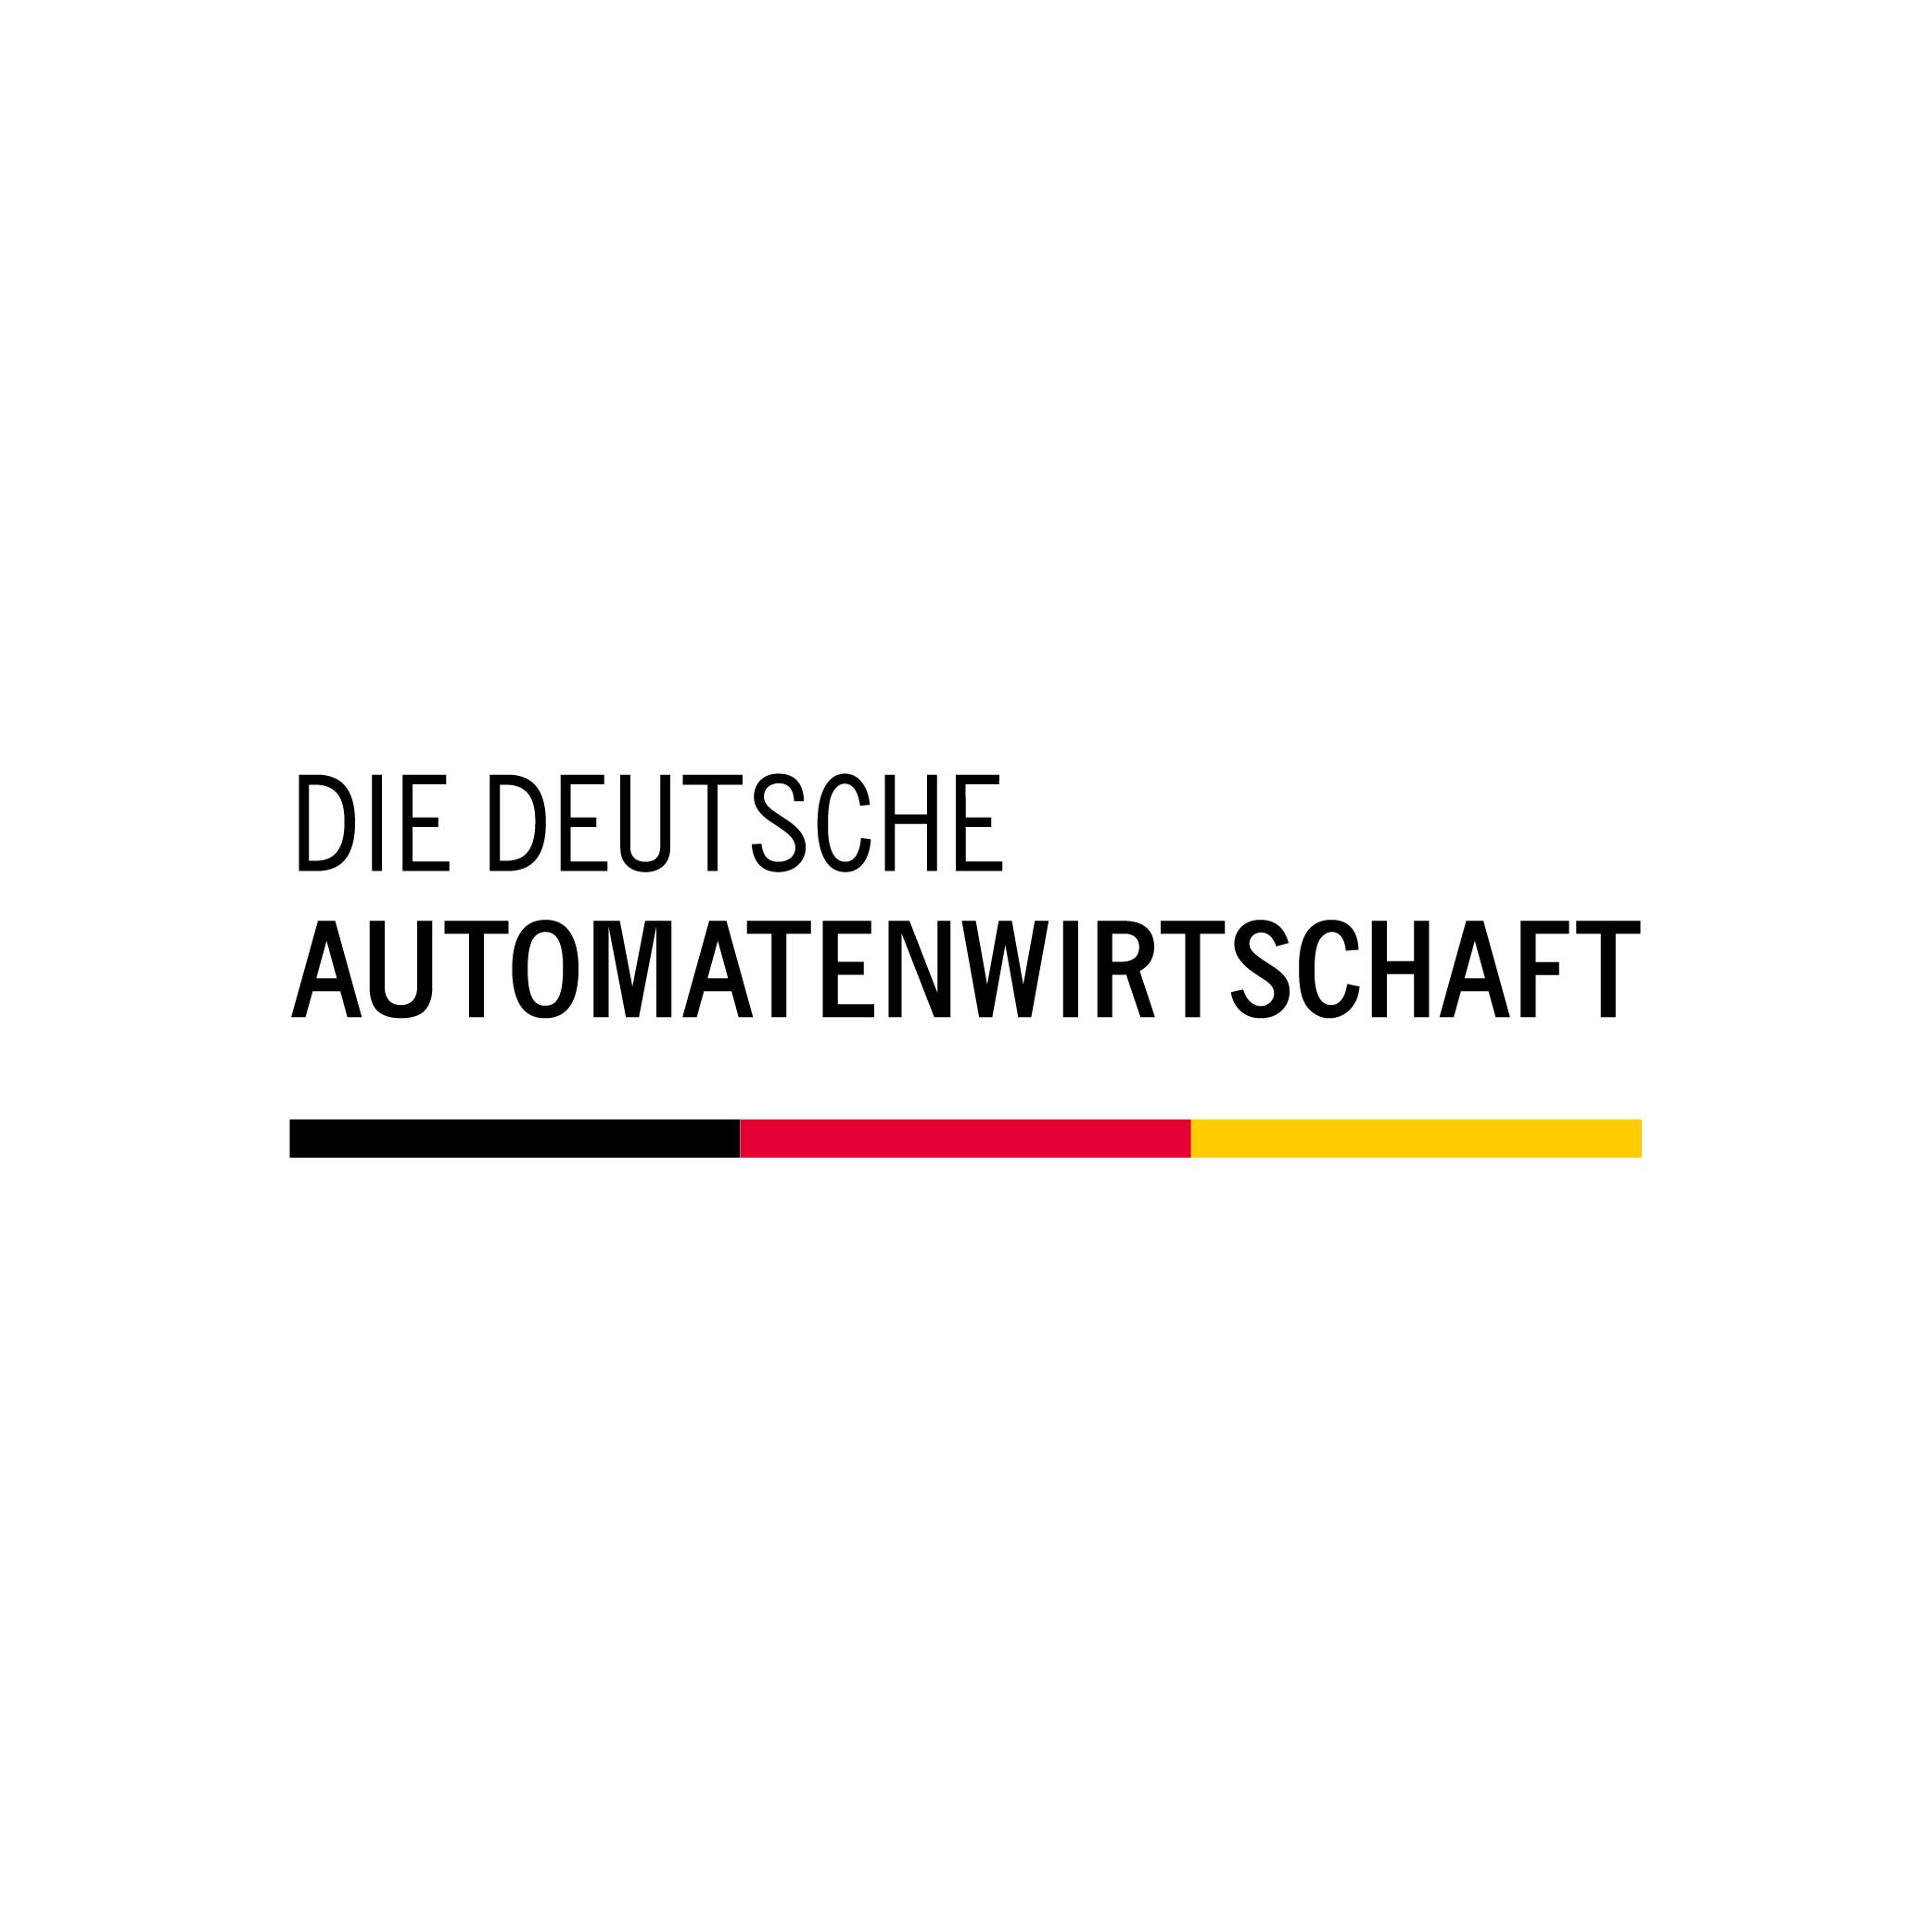 Die deutsche Automatenwirtschaft